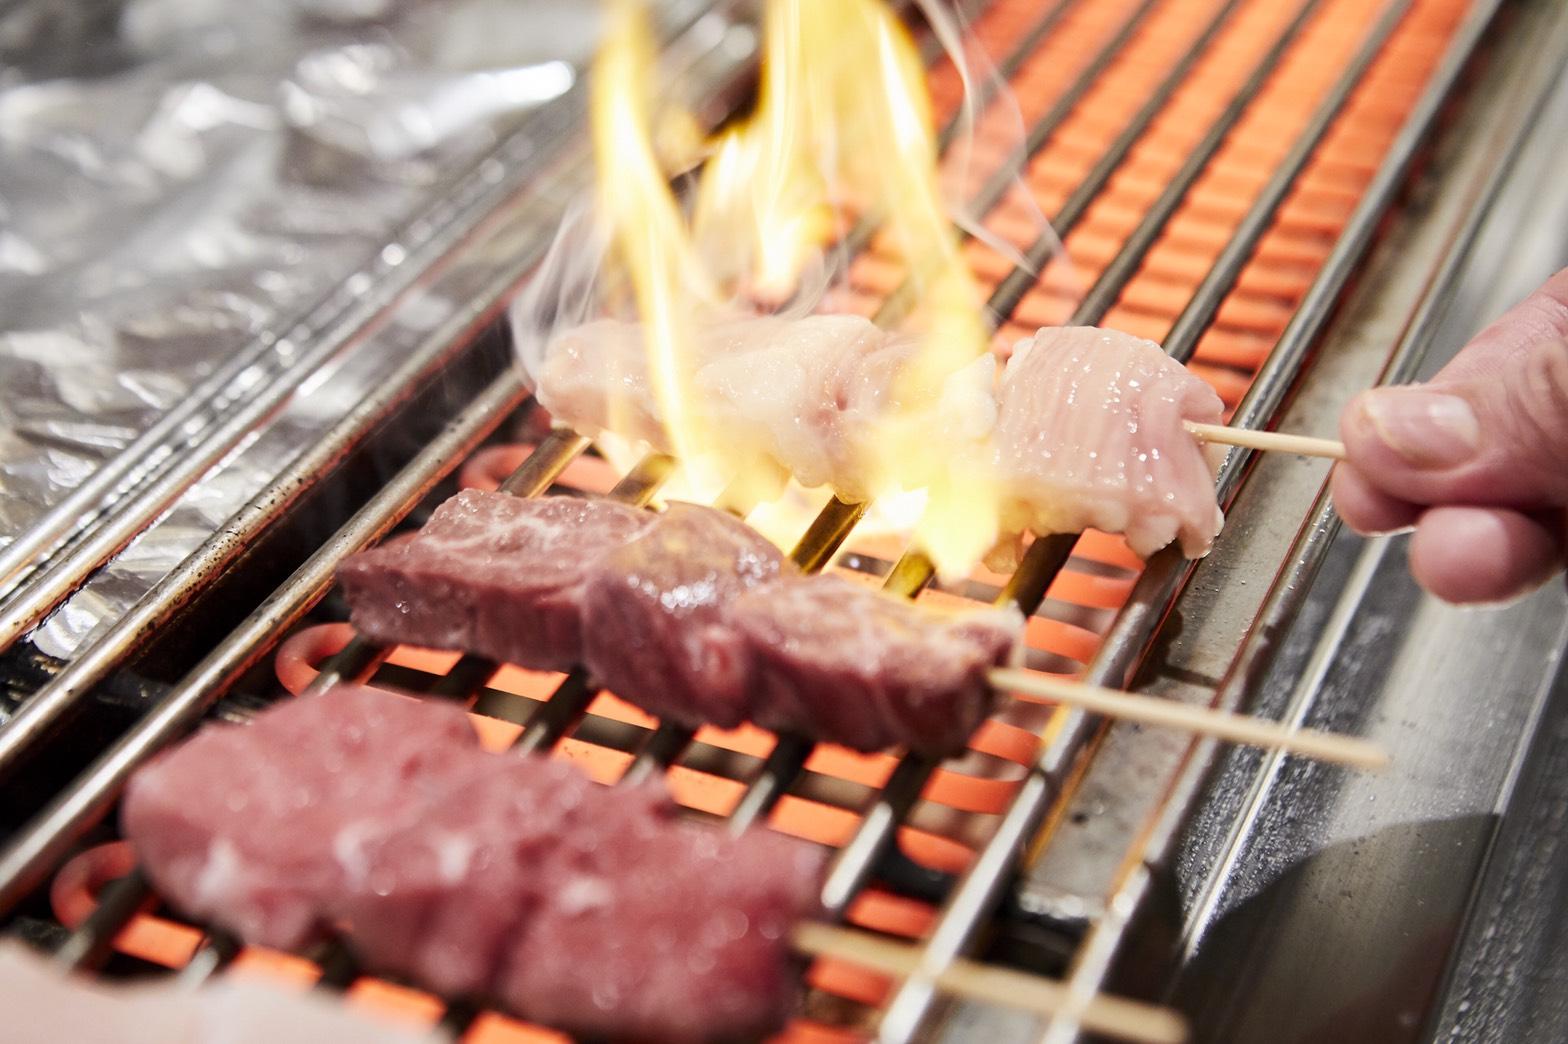 〈同胞飲食店応援キャンペーン・大阪〉串焼肉・串焼きホルモン てが利